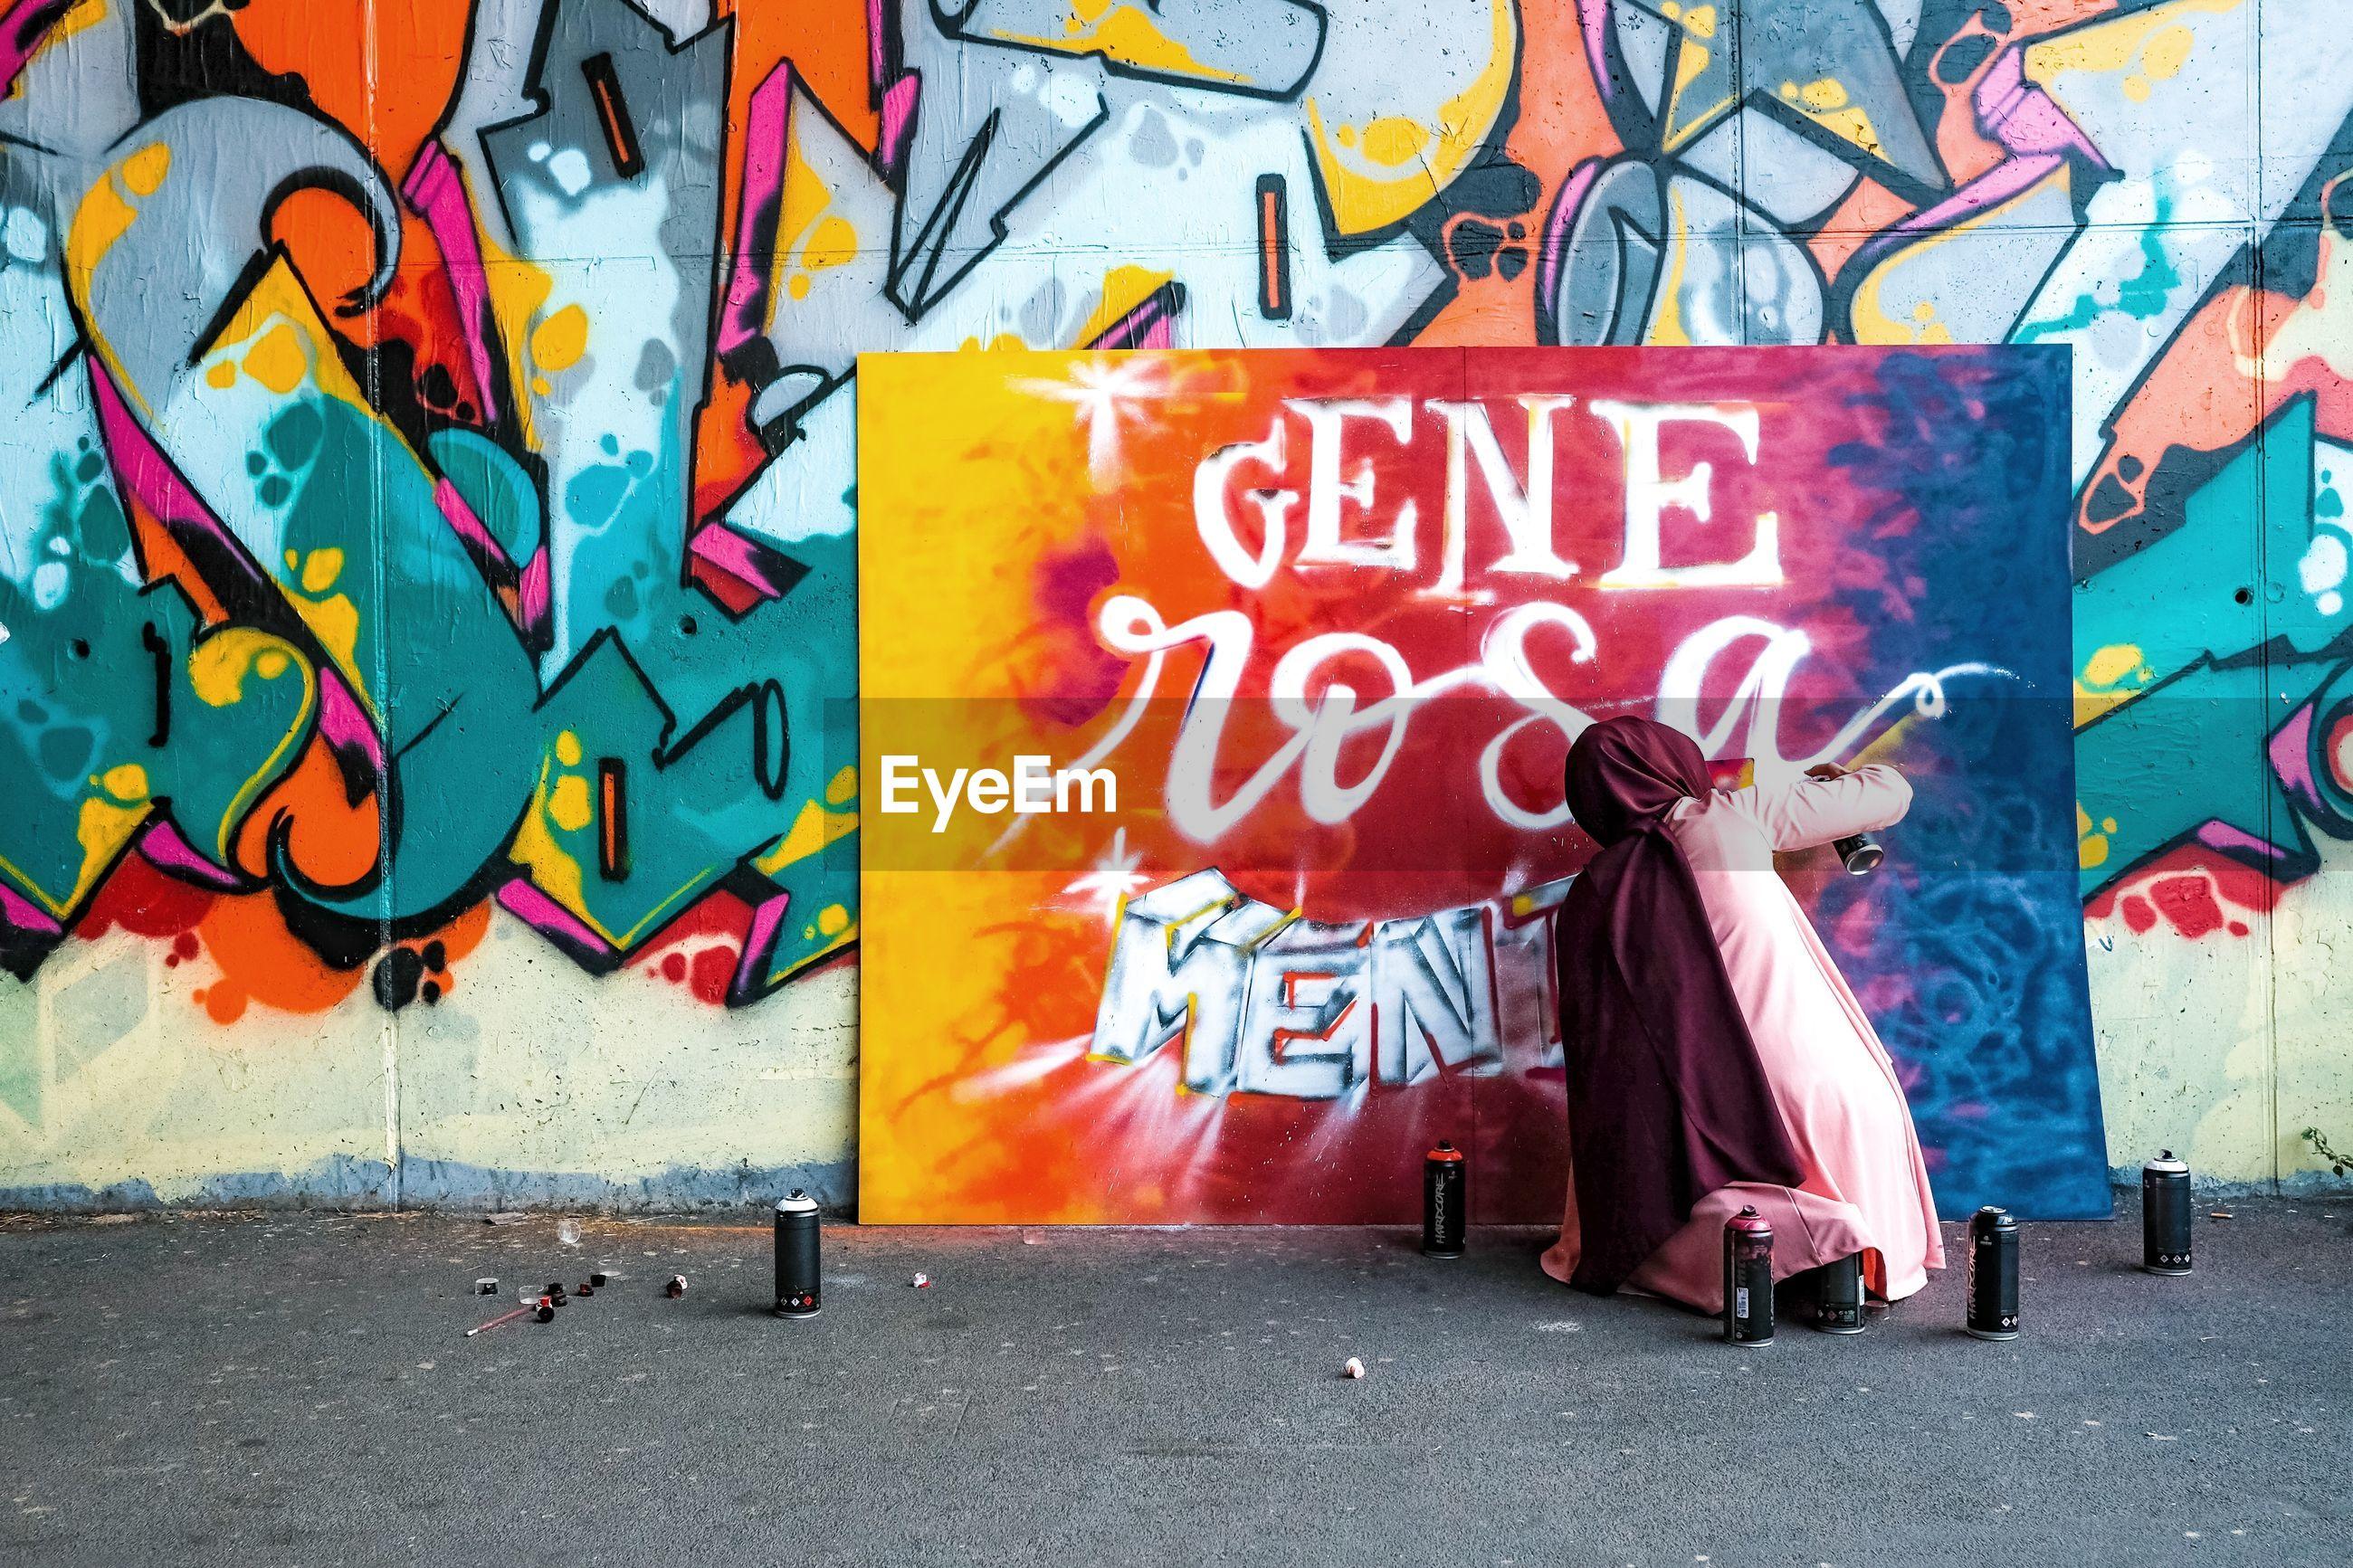 GRAFFITI ON WALL IN CITY STREET